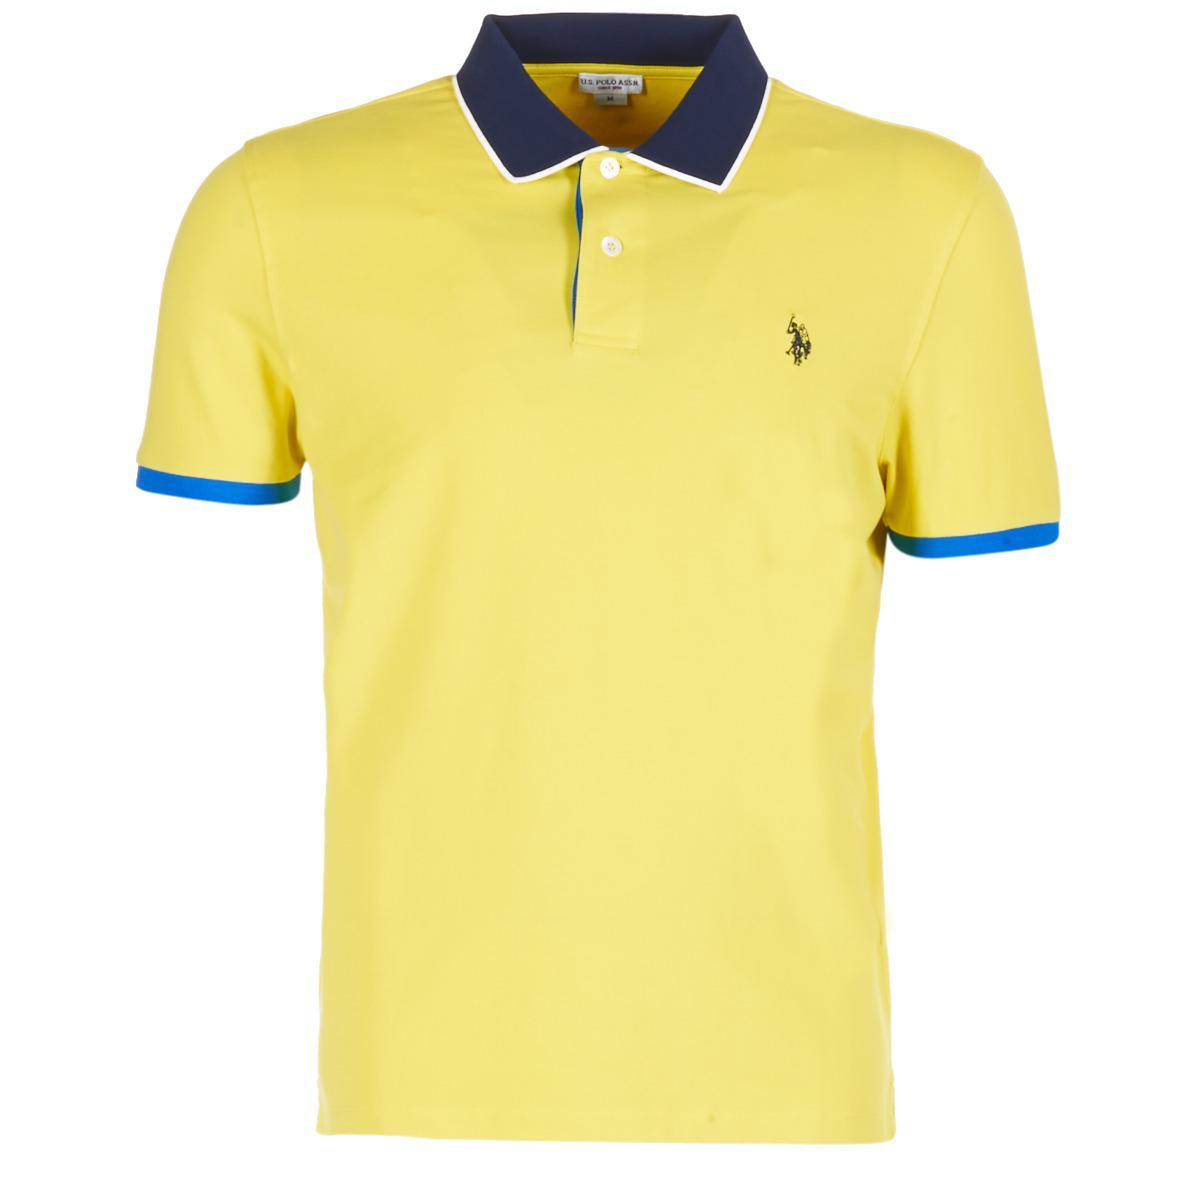 Polo Ralph Lauren Assn Vs Us Shirts R34Aq5jLcS